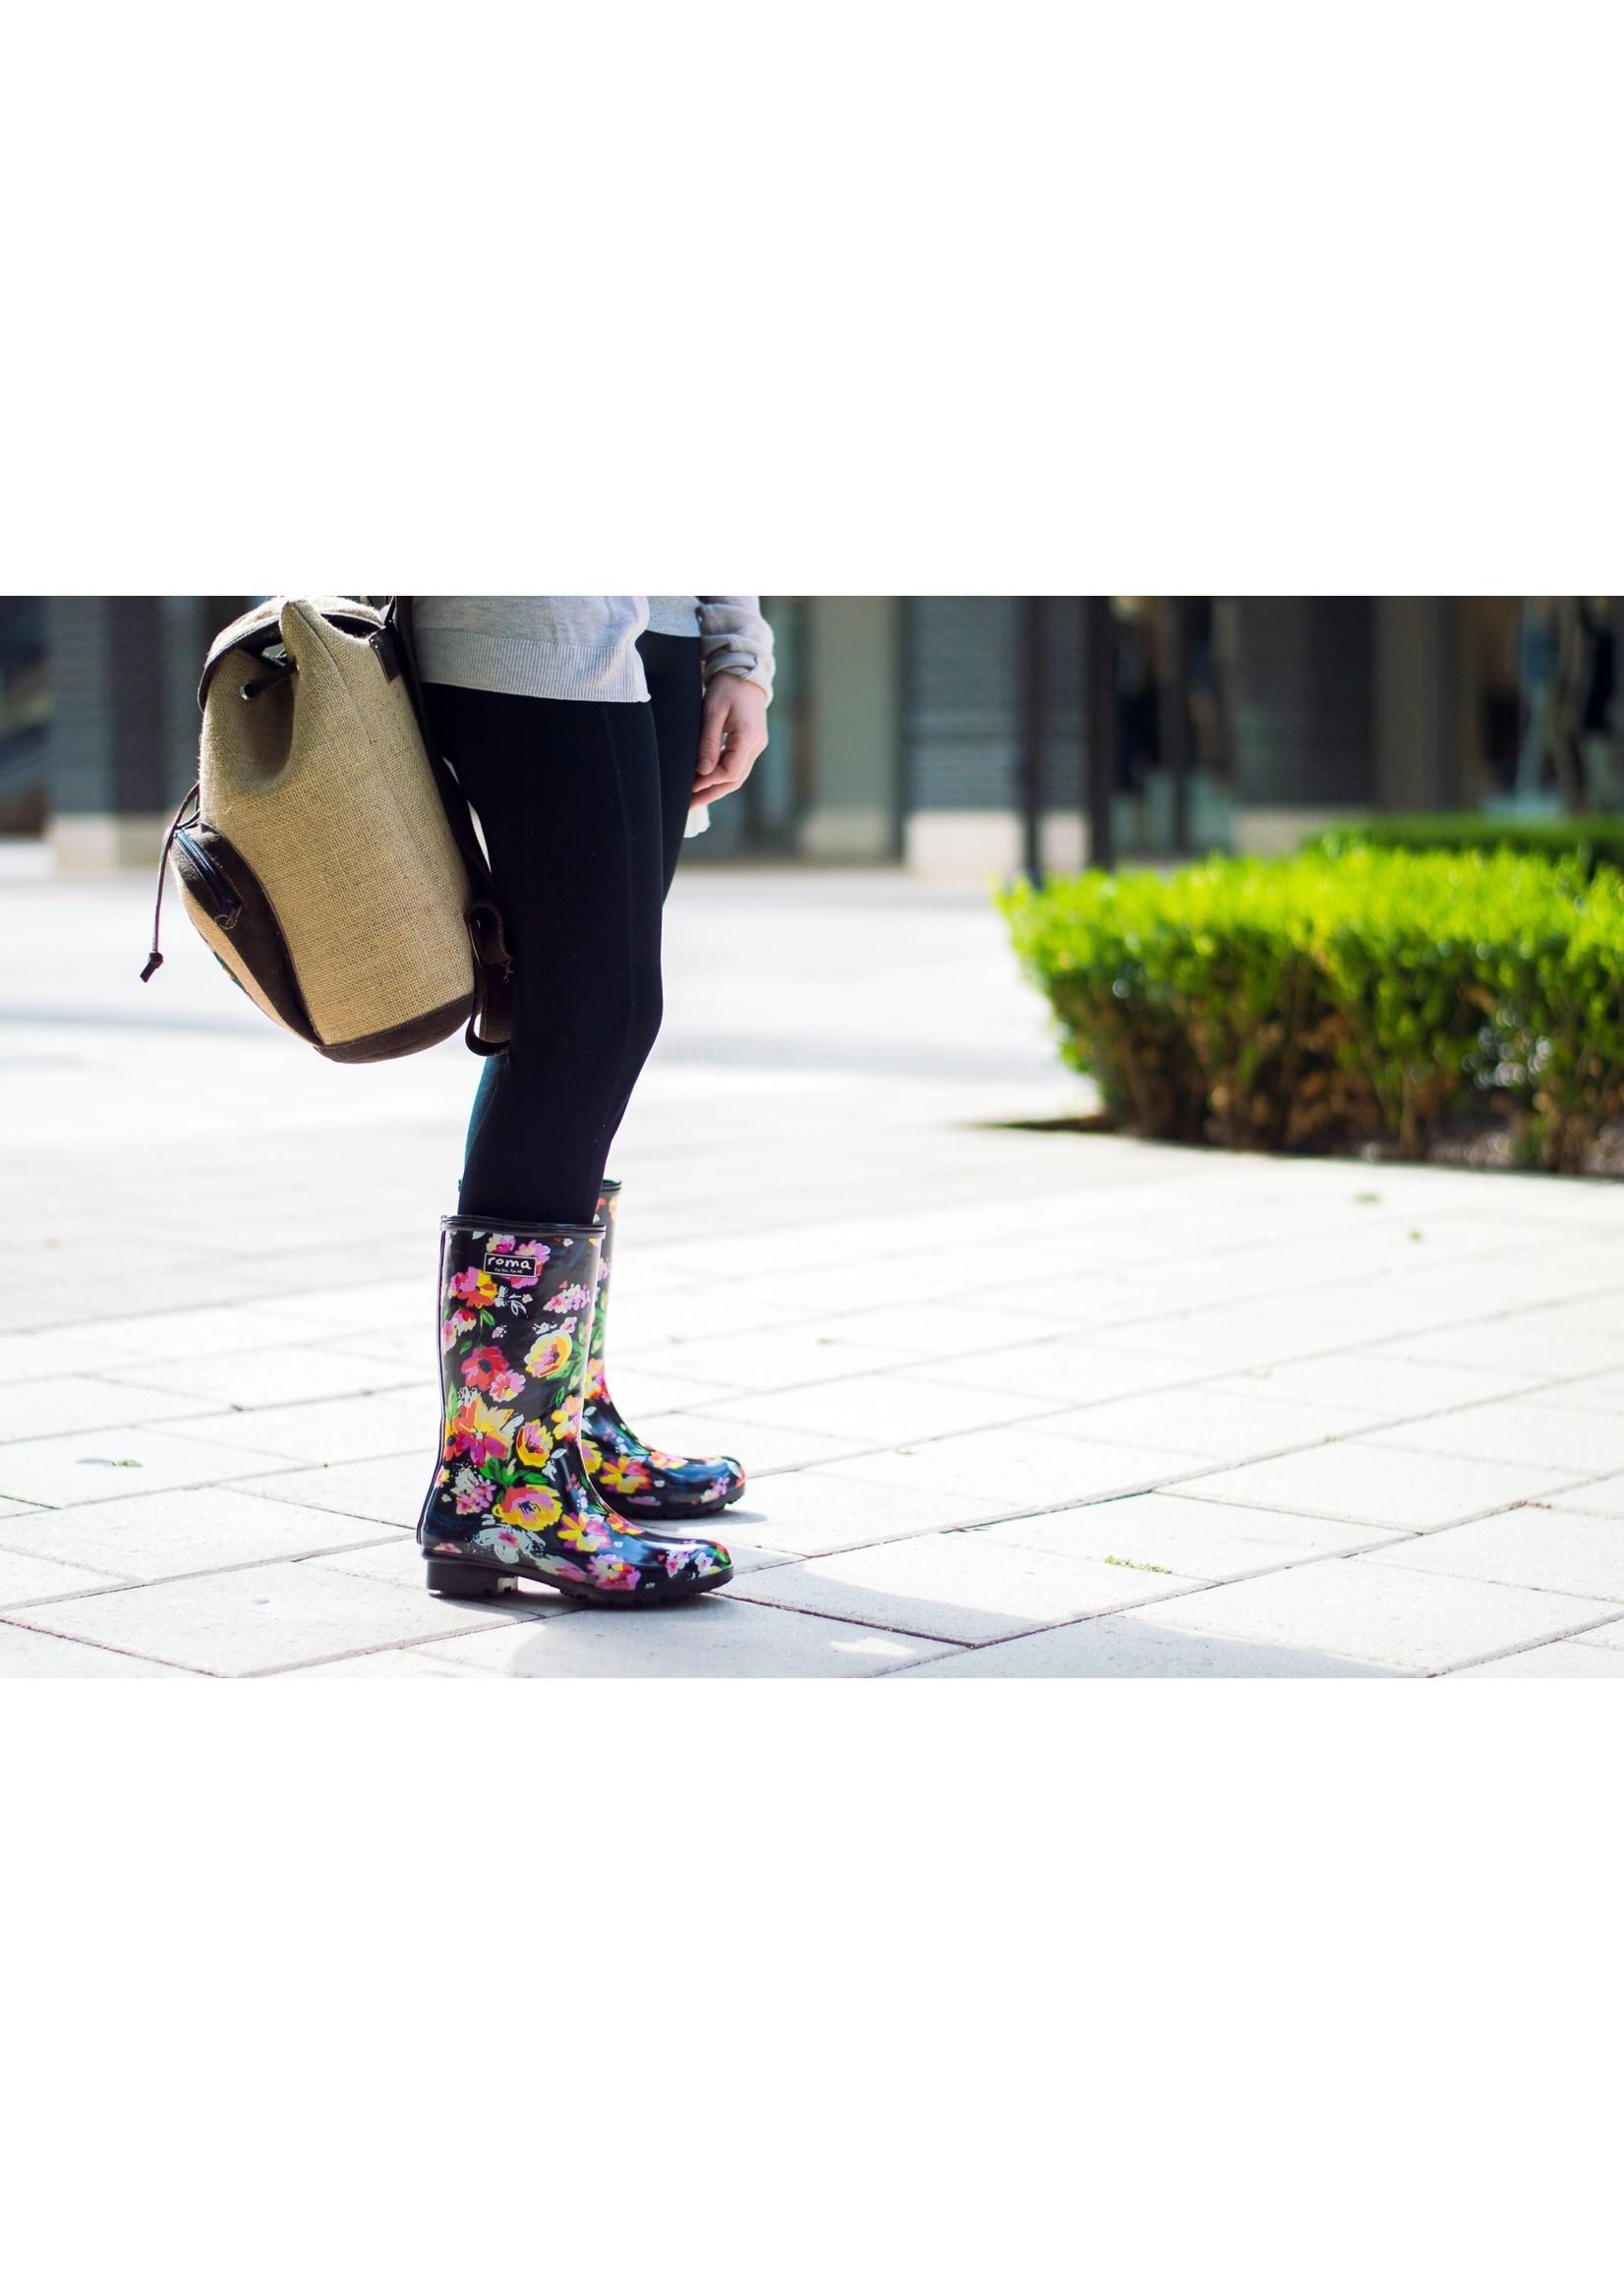 Roma Boots Rain Boots Emma Mid Calf